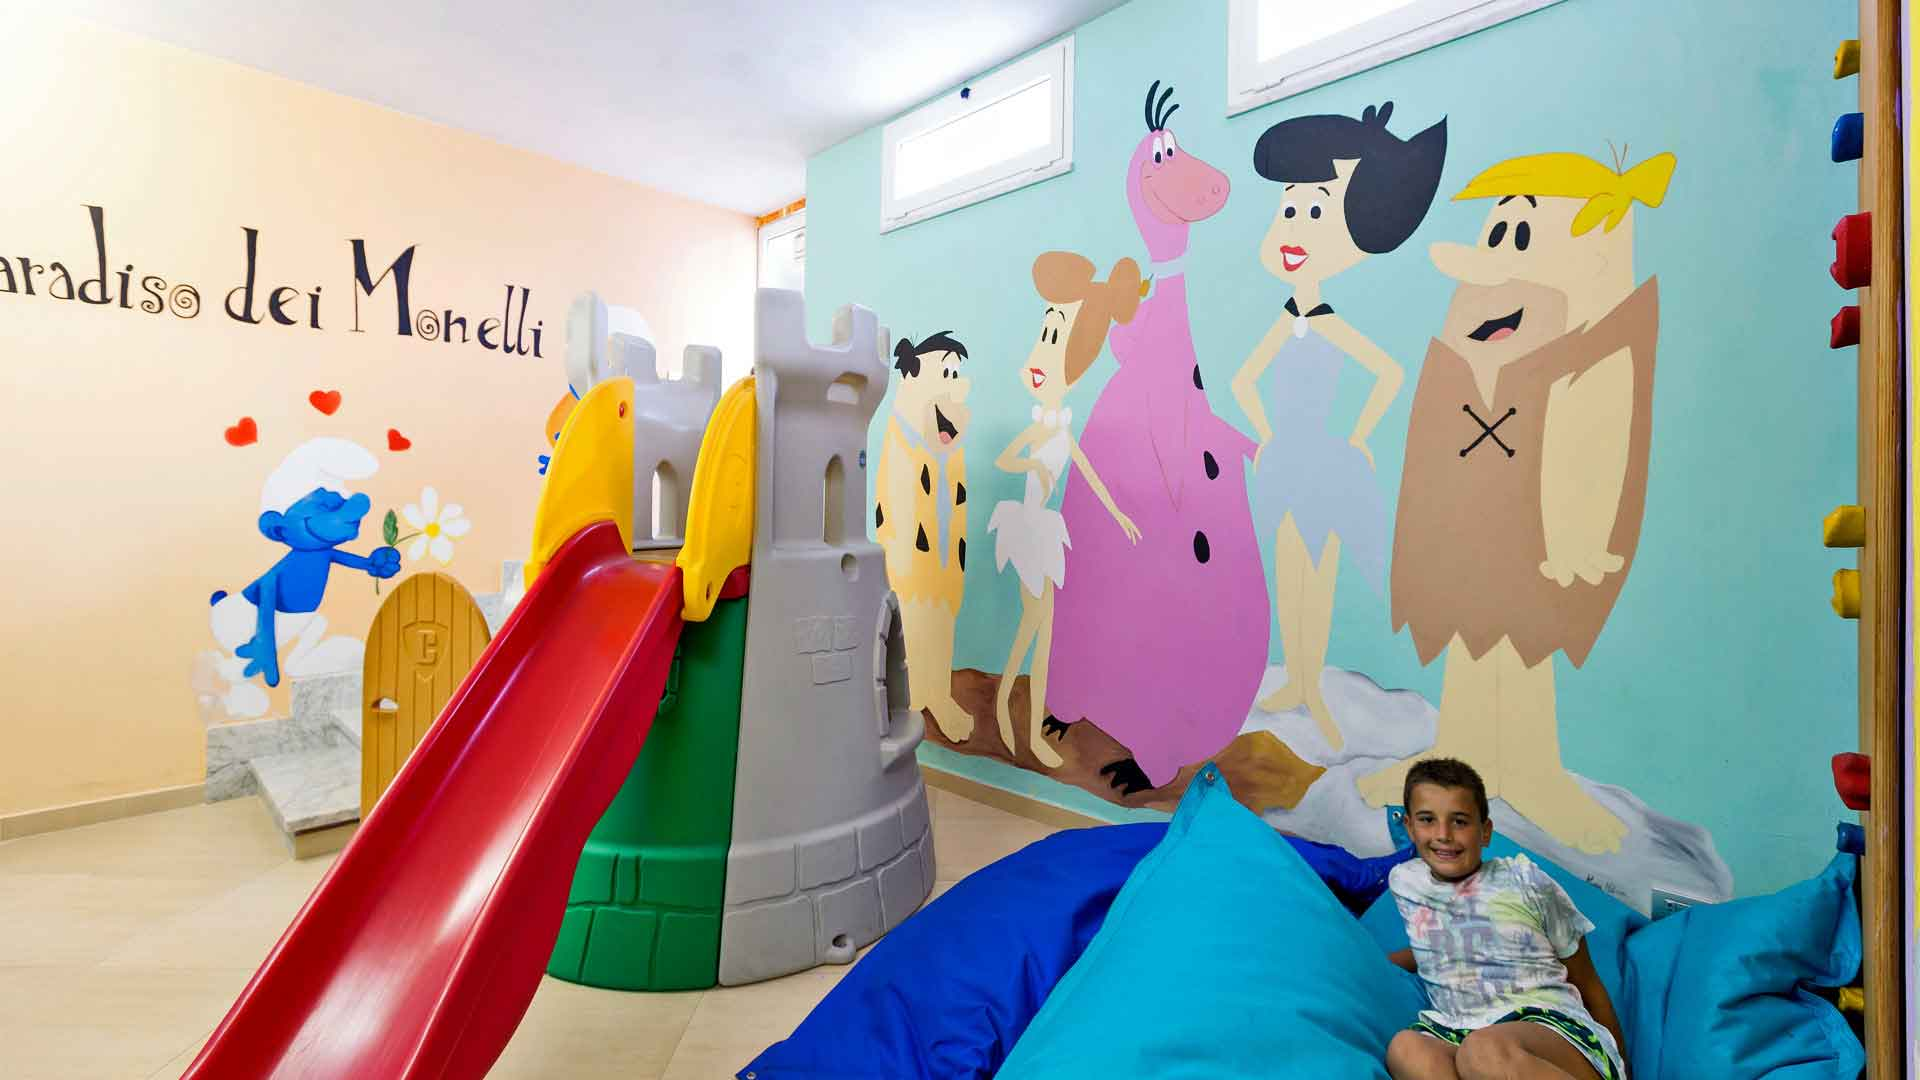 Hotel per famiglie con bambini